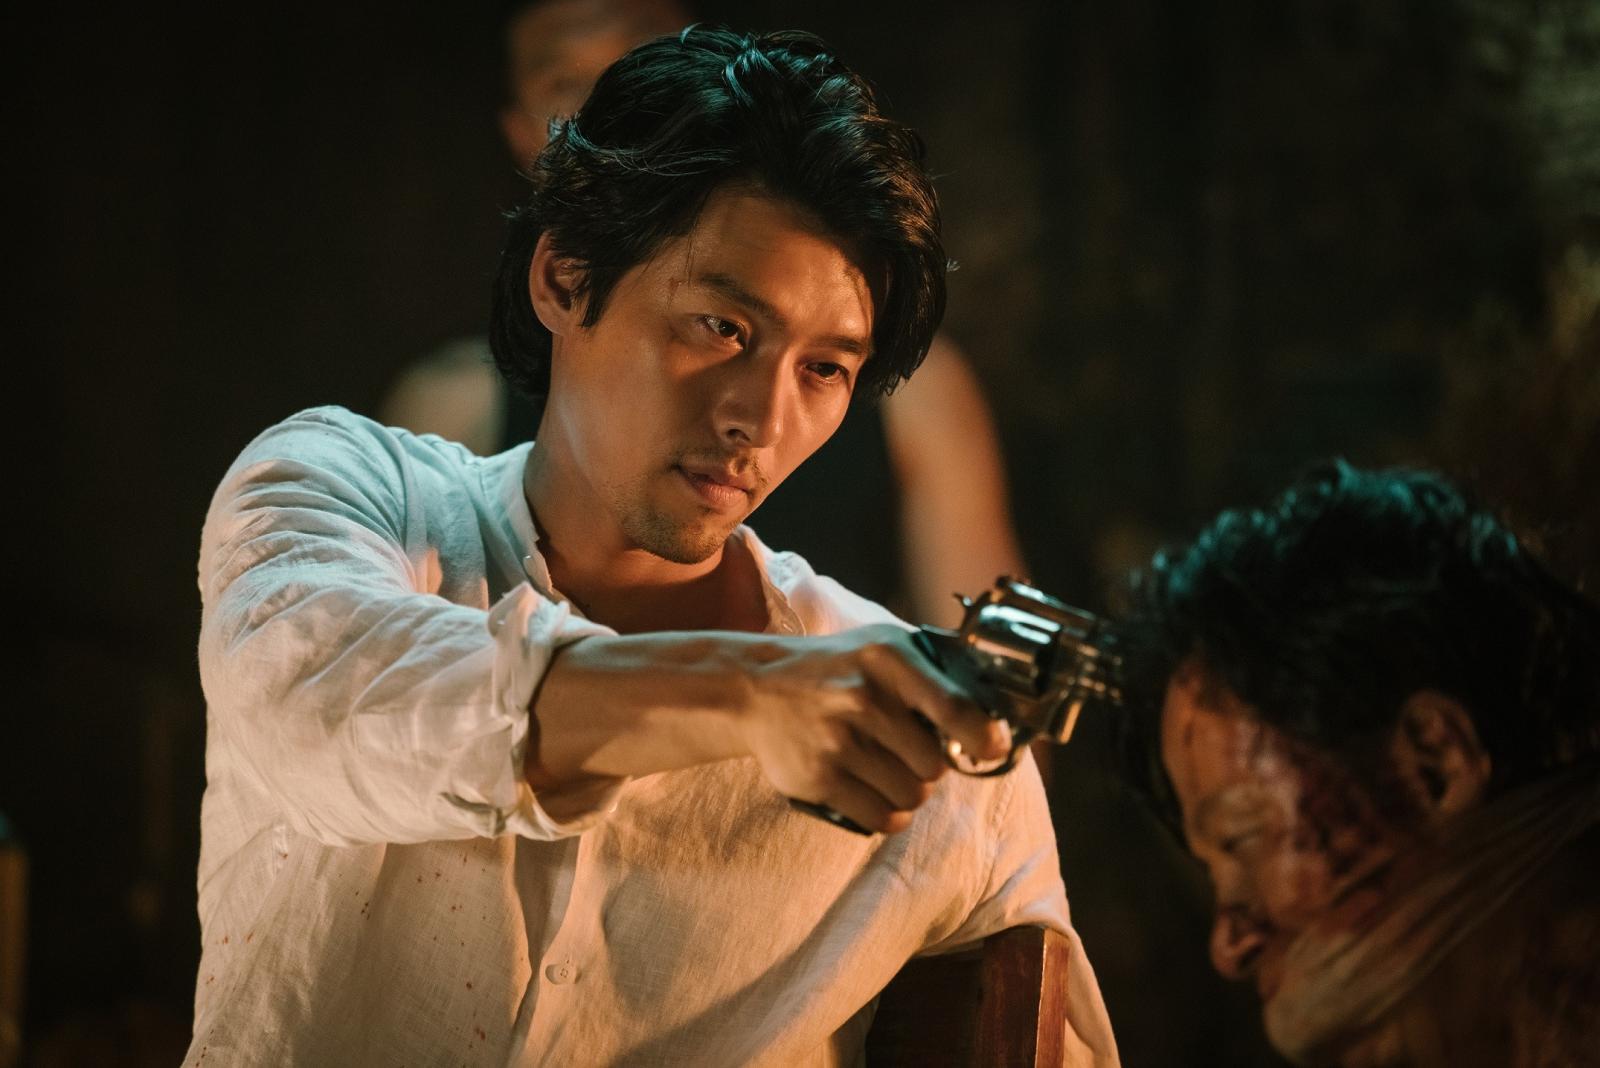 韓國首部正式以協商、談判為主題的犯罪娛樂片,描述「史上最凶惡人質綁架案」